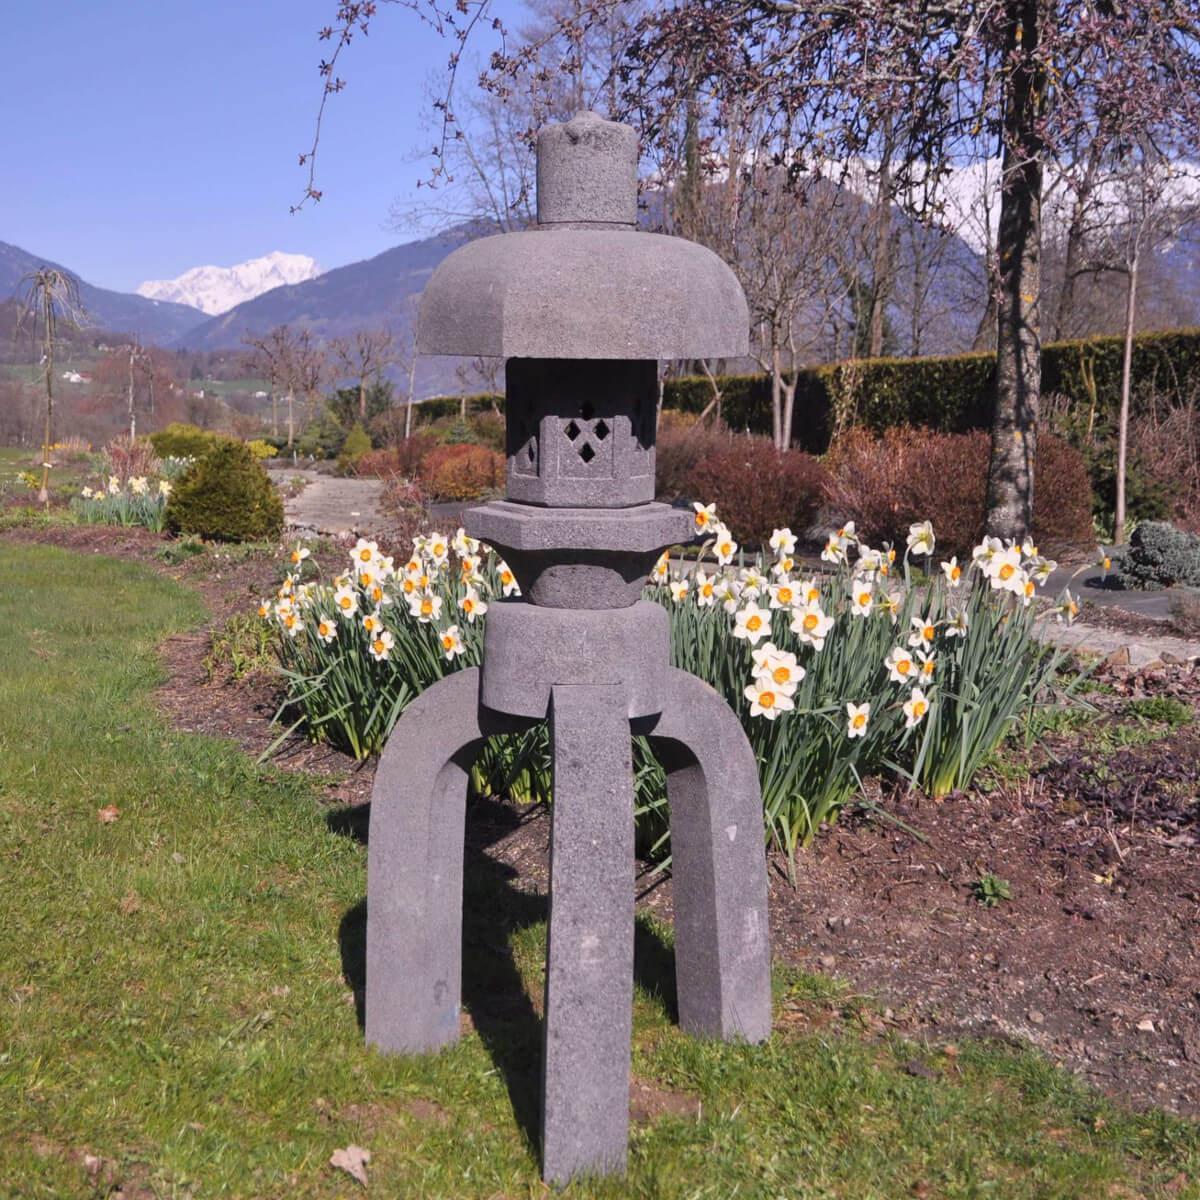 Wanda Collection Lanterne japonaise pagode en pierre de lave 1.20 m